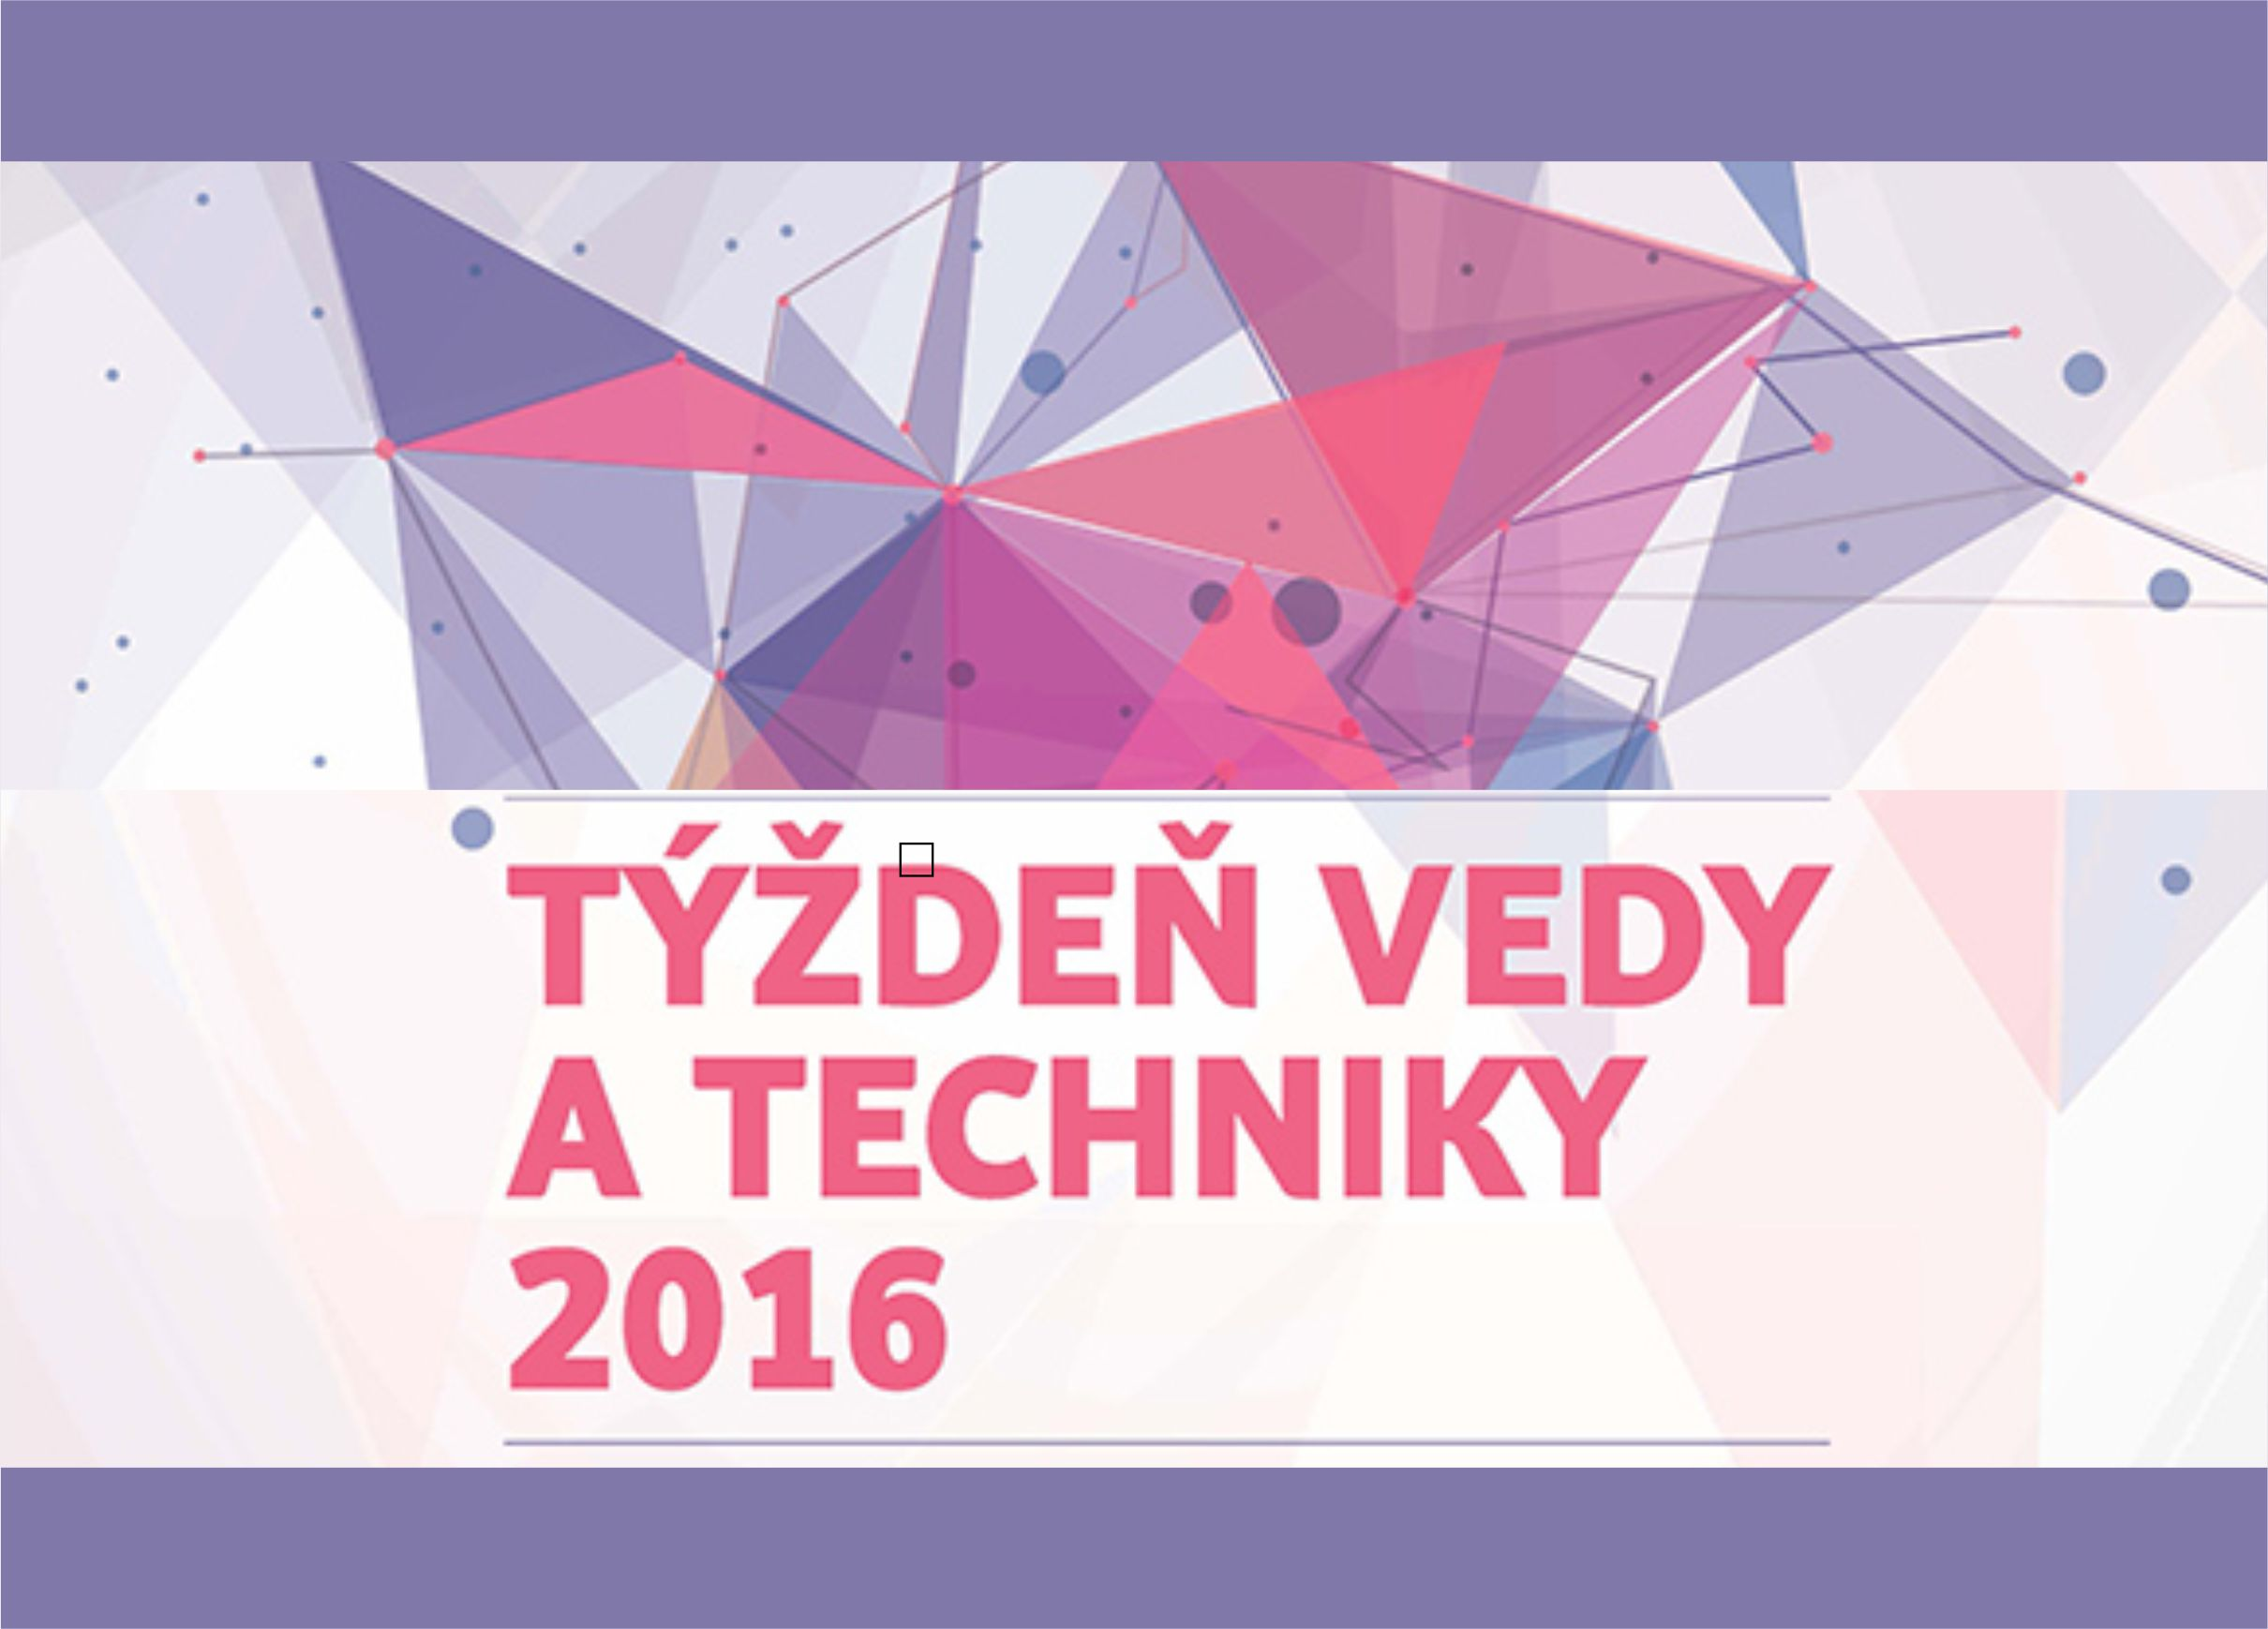 Začal sa Týždeň vedy a techniky na Slovensk - Kam v meste  db07915fc4f